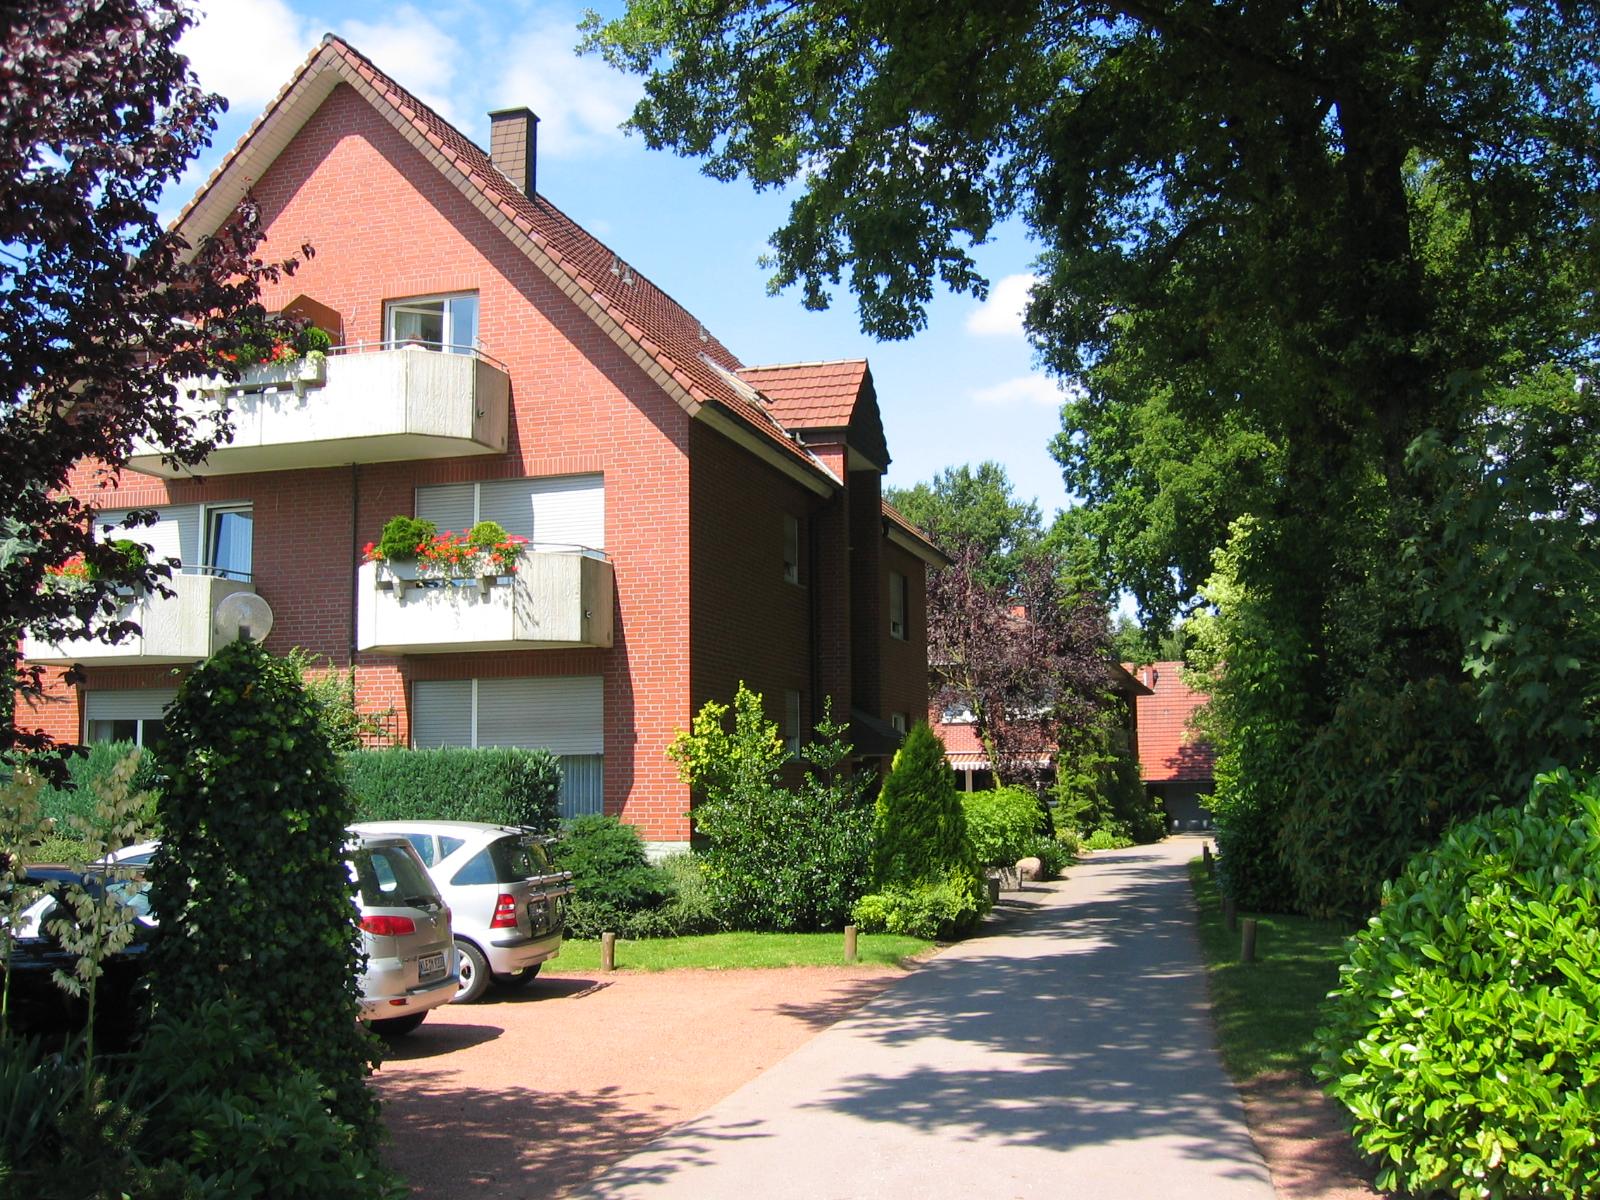 Hotel Pension & Appartement Haus Stallmeister in Lippstadt Bad Waldliesborn im Sommer